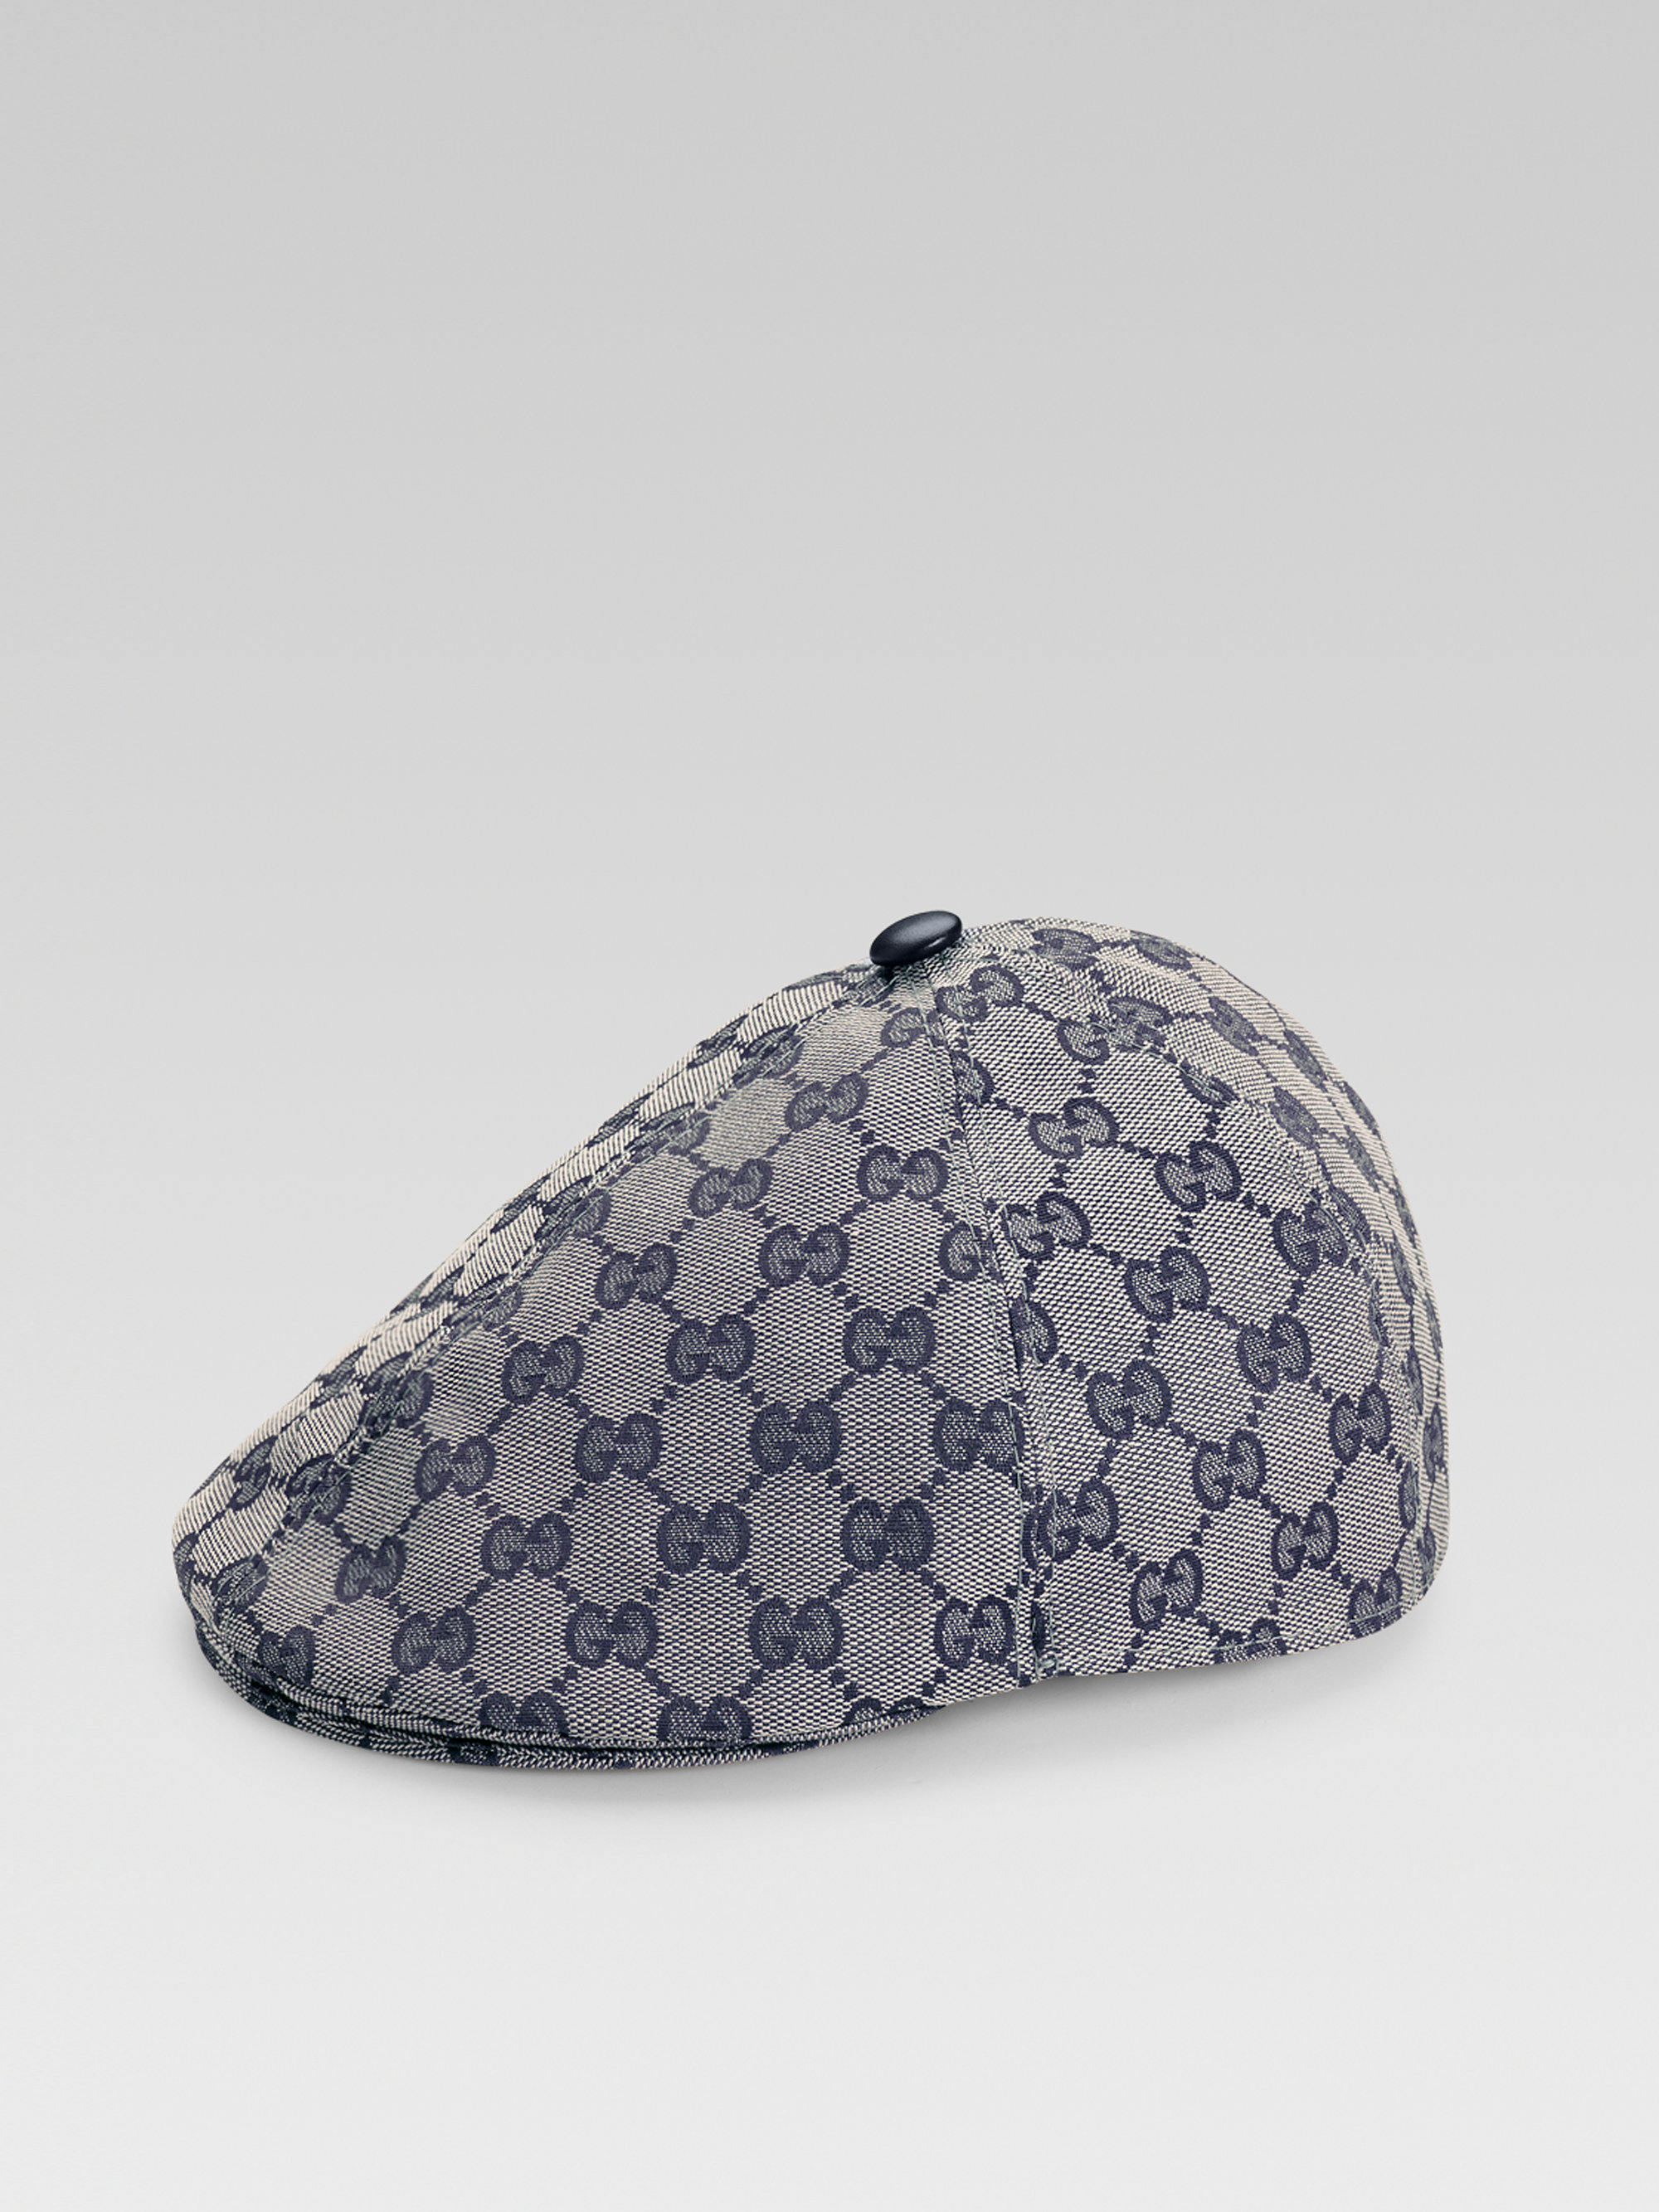 8cb396b4d0f Lyst gucci kids capello driving cap in gray for men jpg 2000x2667 Gucci kangol  bucket hats